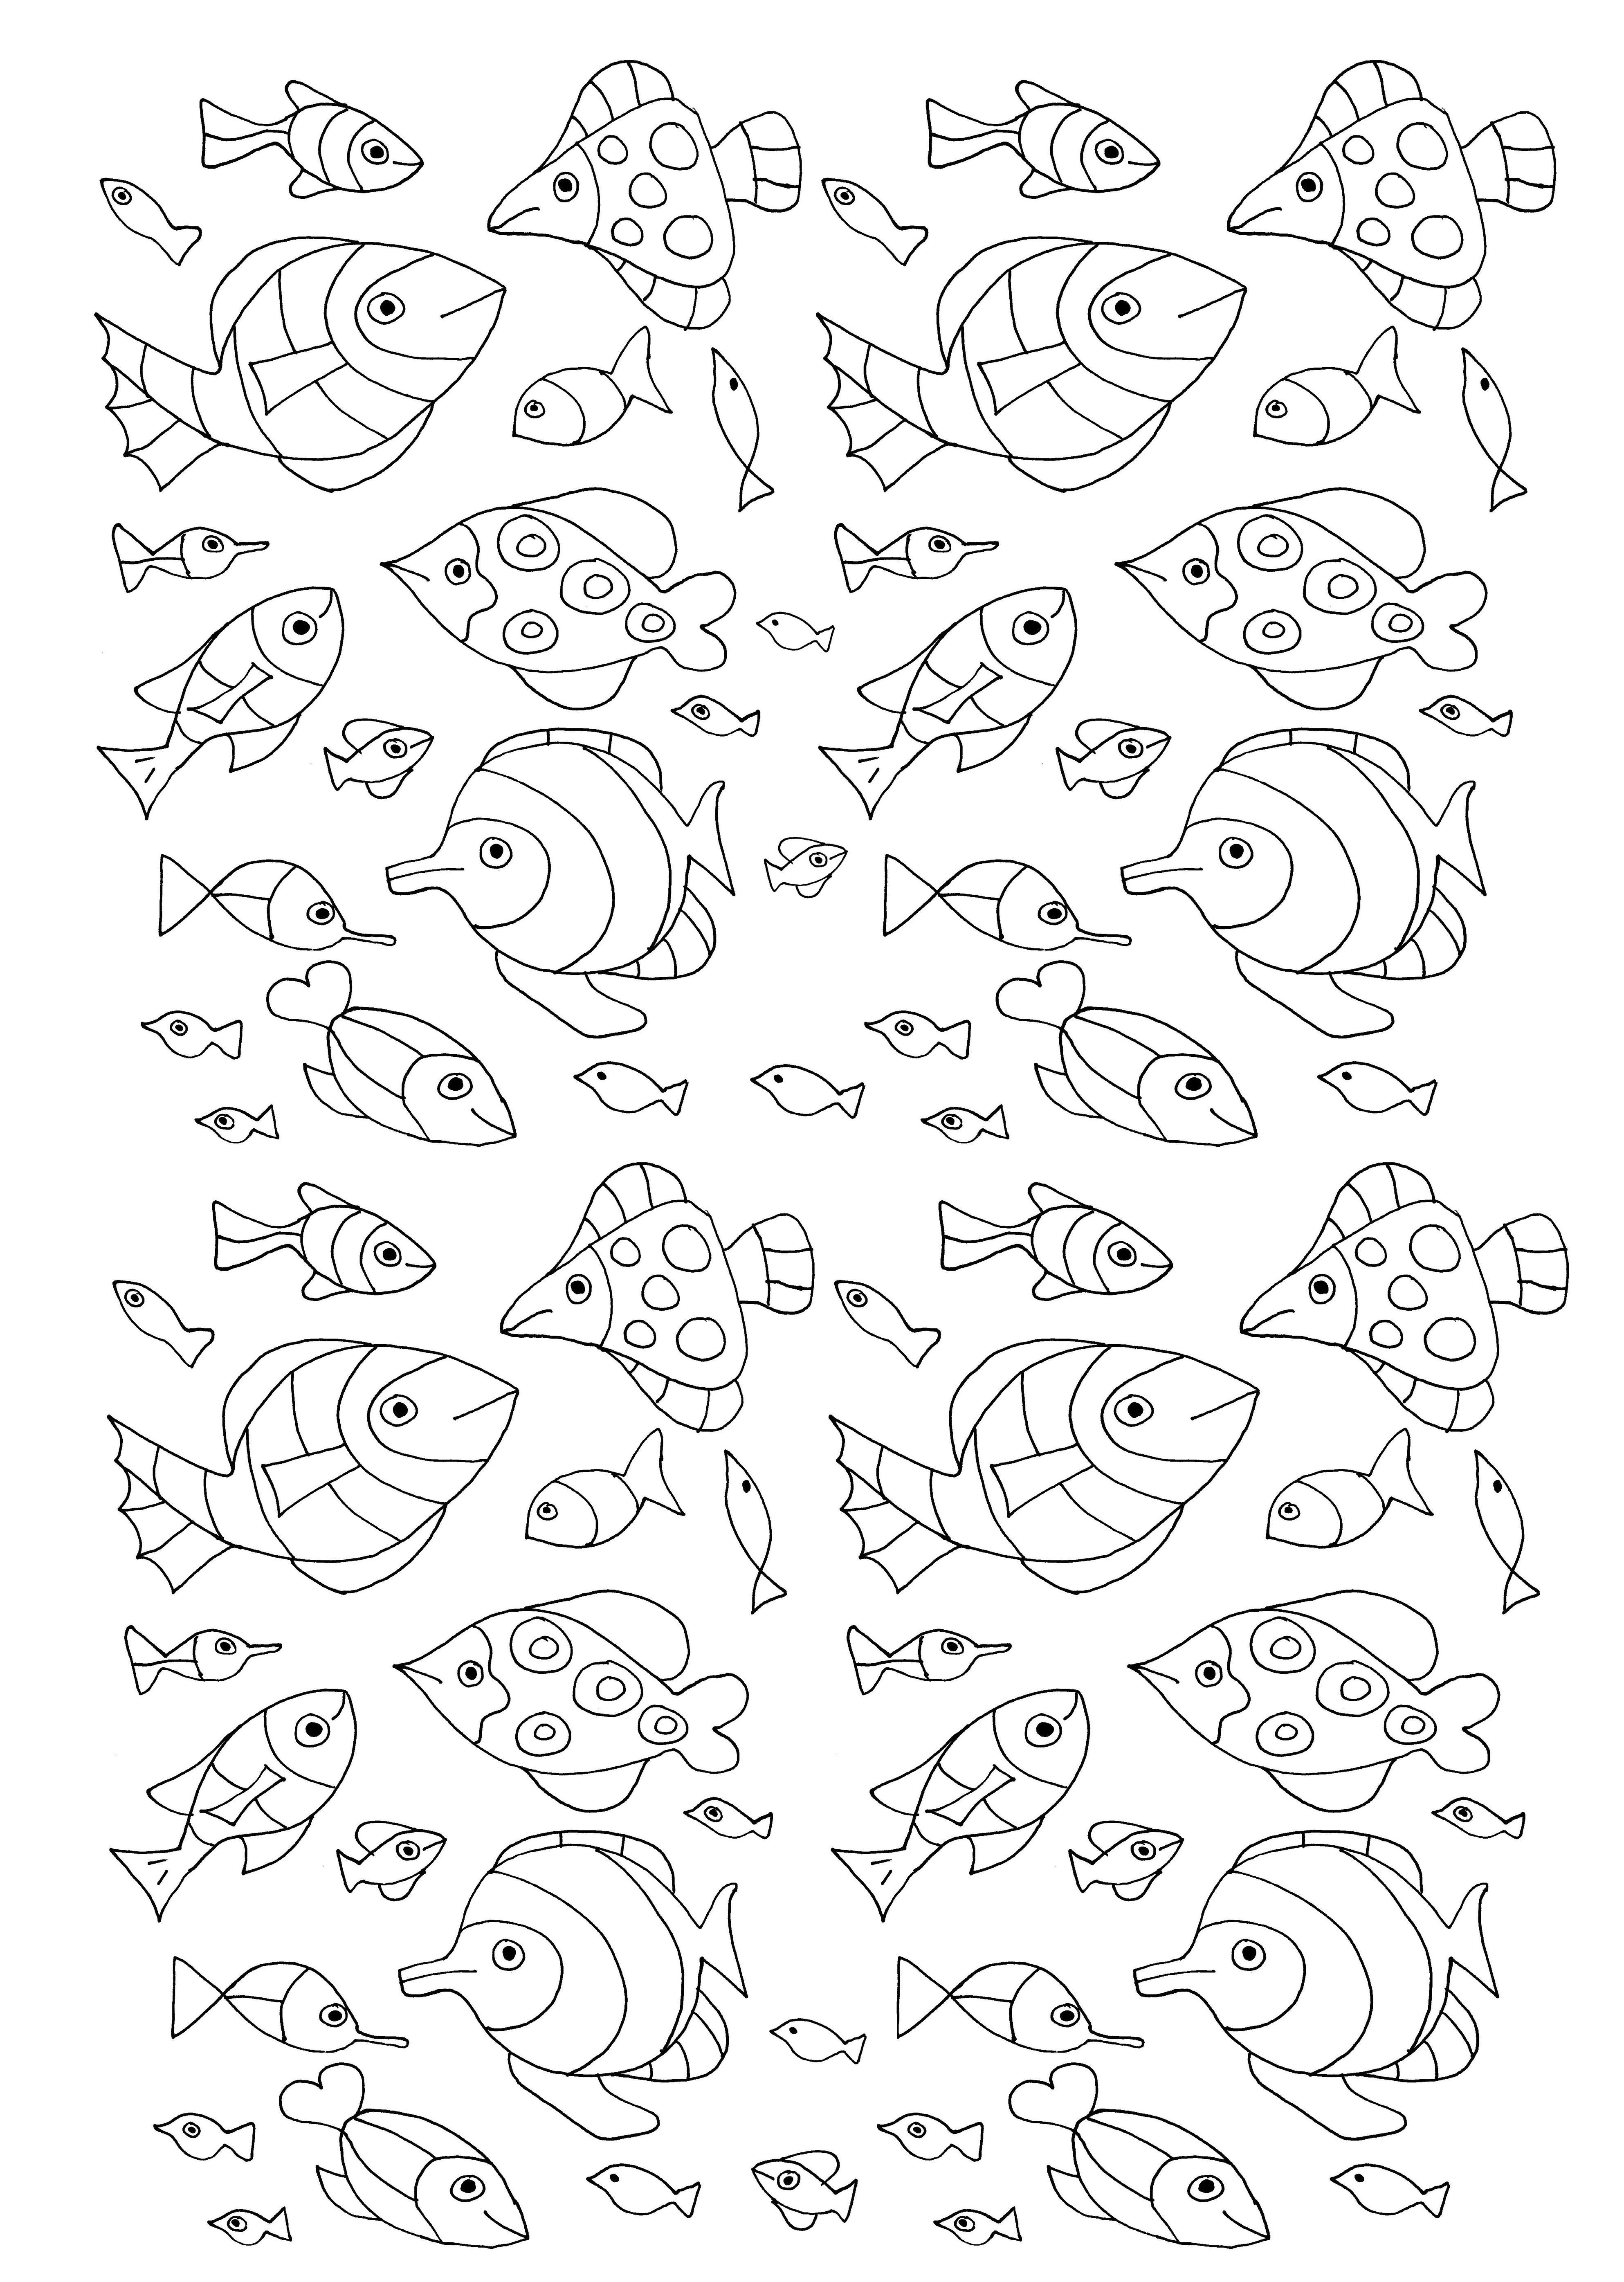 De nombreux poissons pour un coloriage aquatiqueA partir de la galerie : Mondes AquatiquesArtiste : Olivier